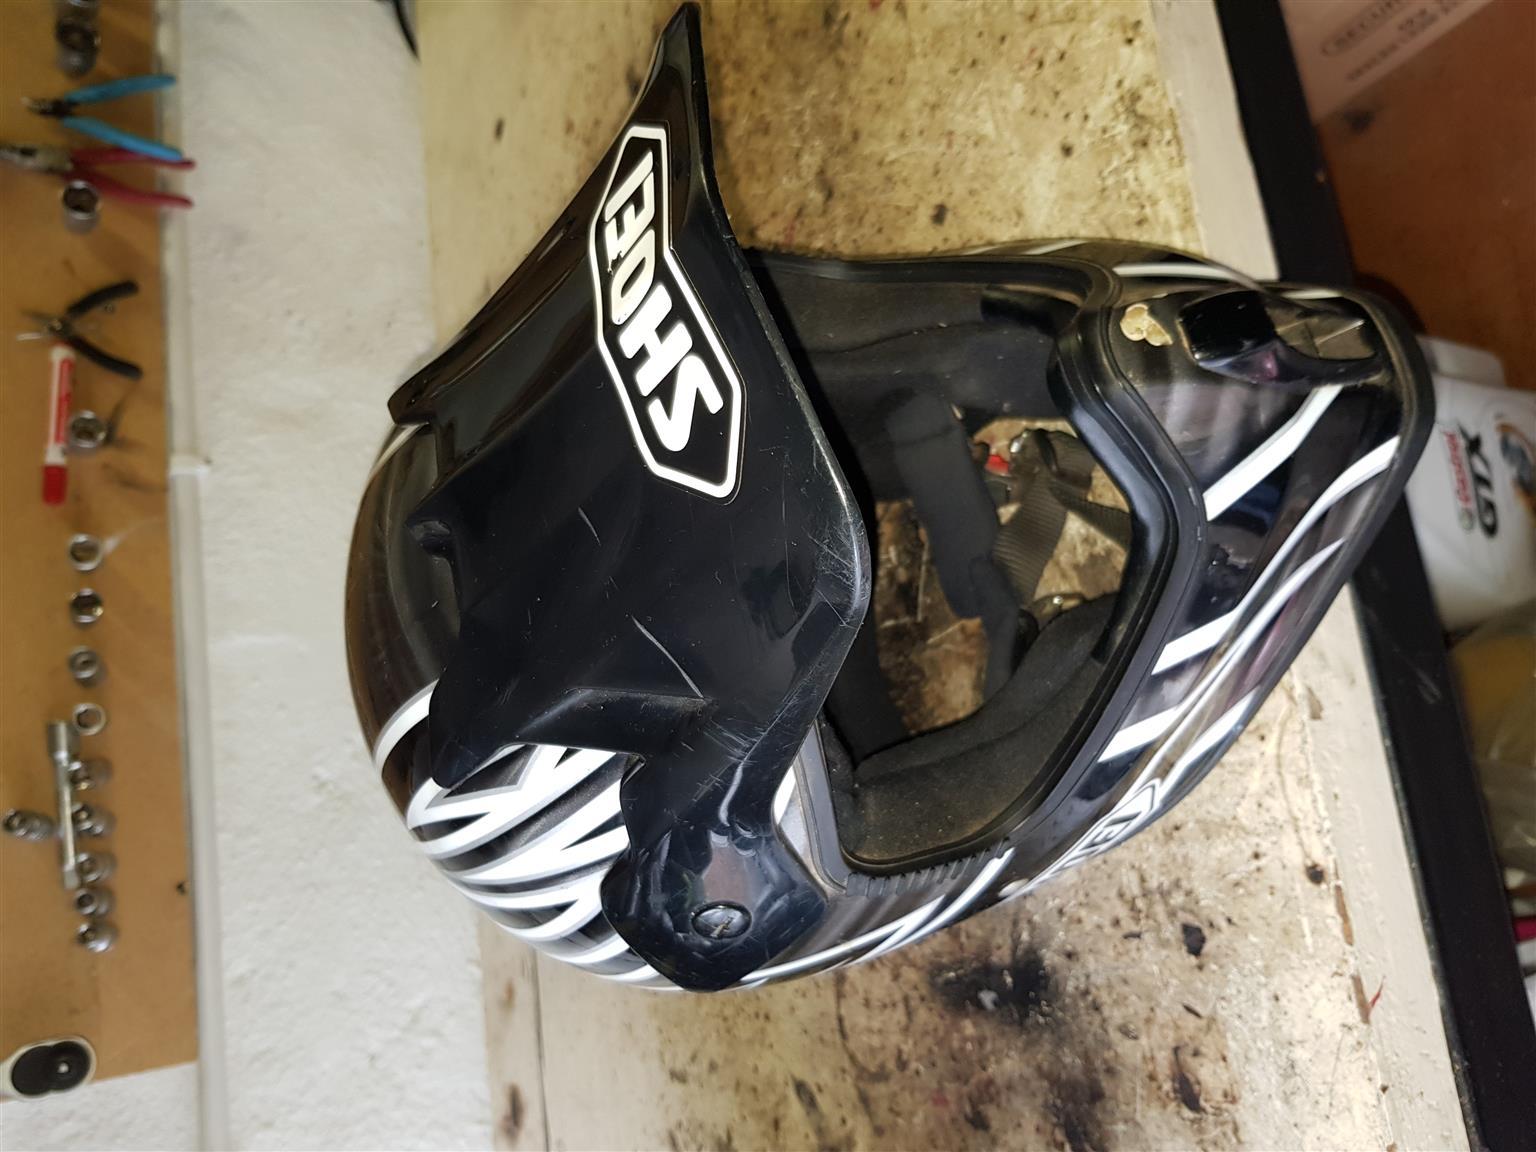 Off road motor bike helmet